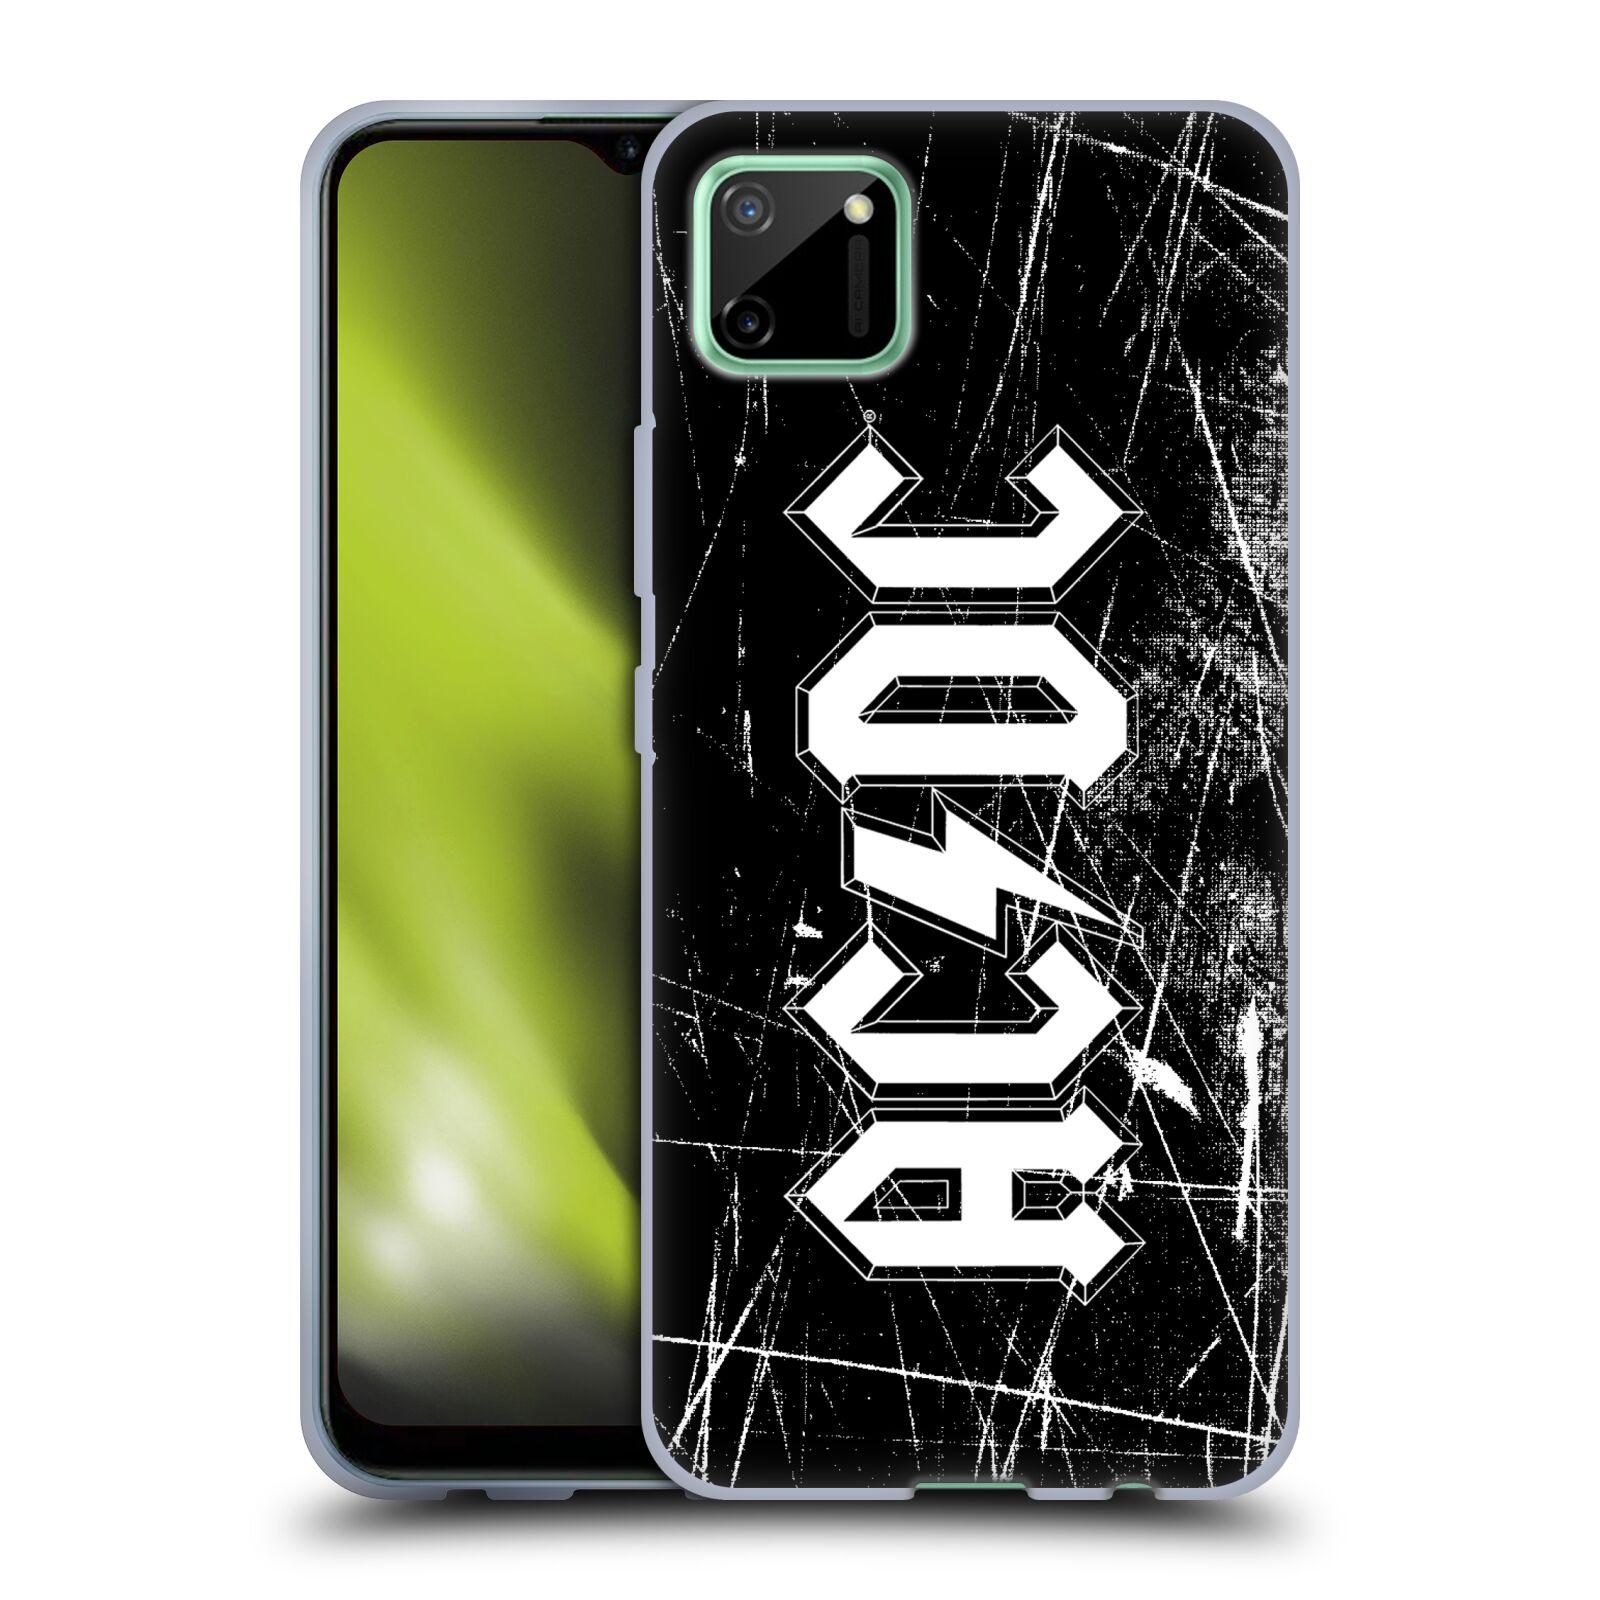 Silikonové pouzdro na mobil Realme C11 - Head Case - AC/DC Černobílé logo